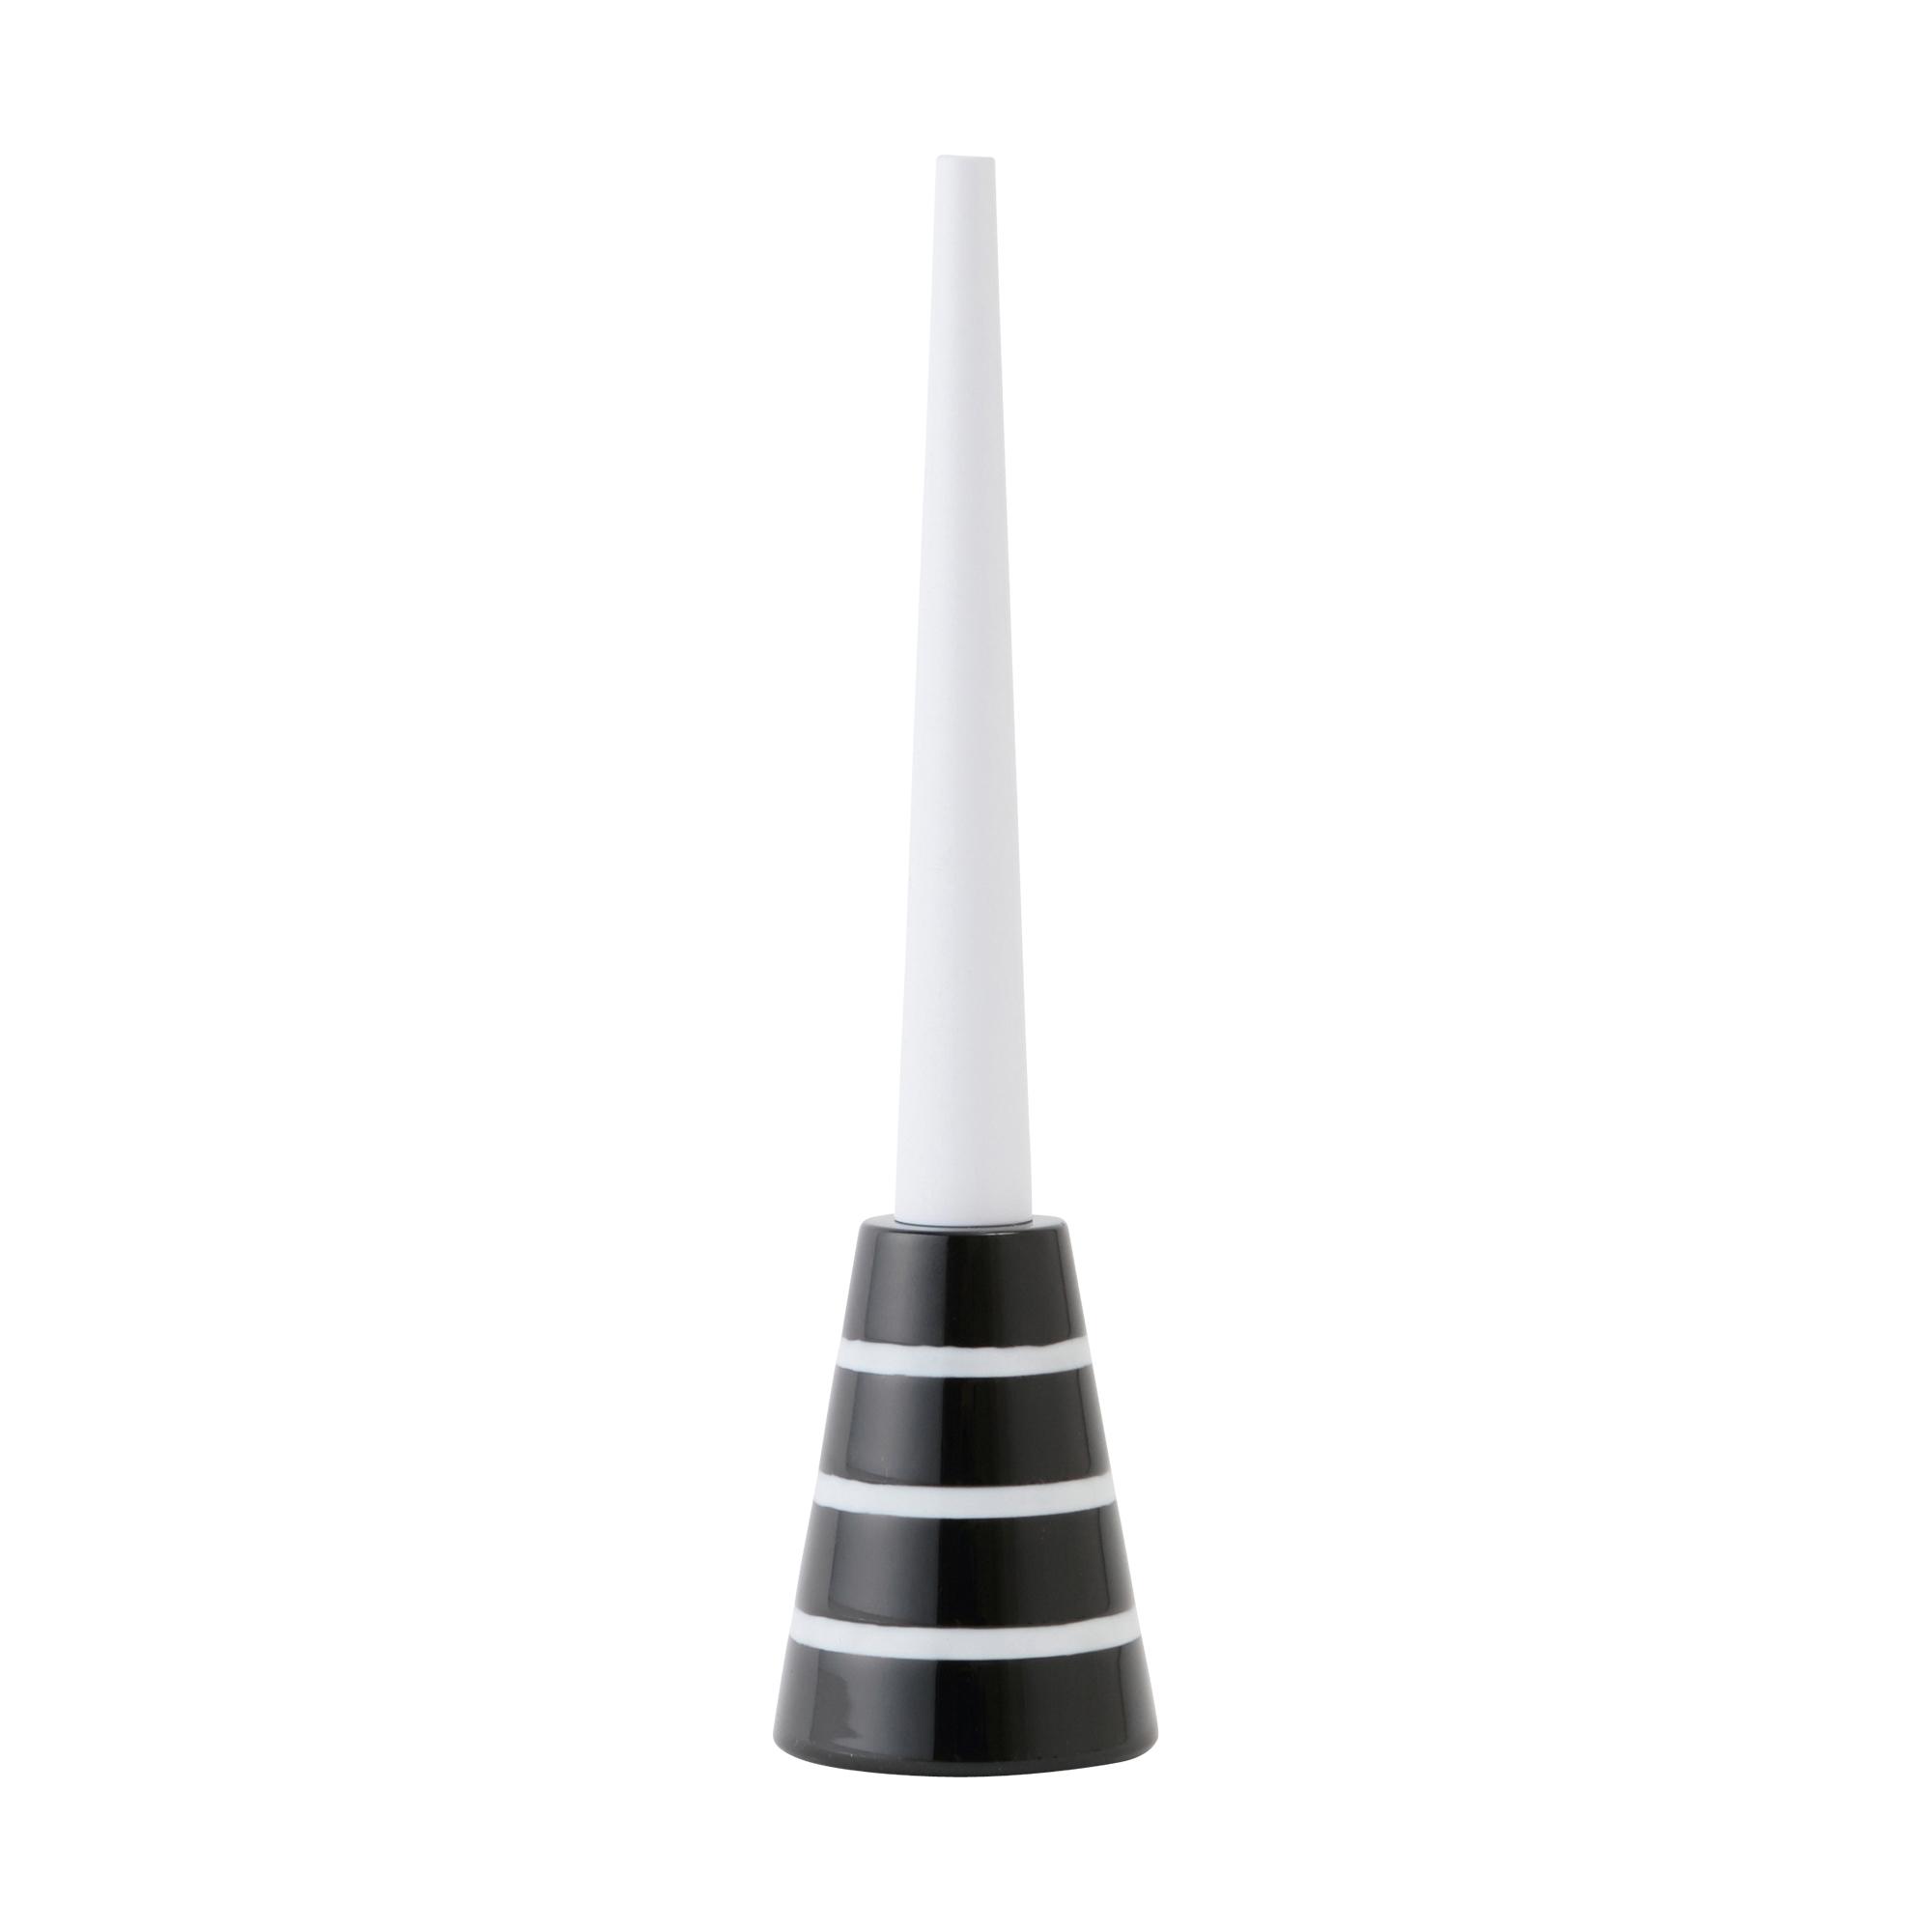 ネオ デスクペン ホワイト×ブラック